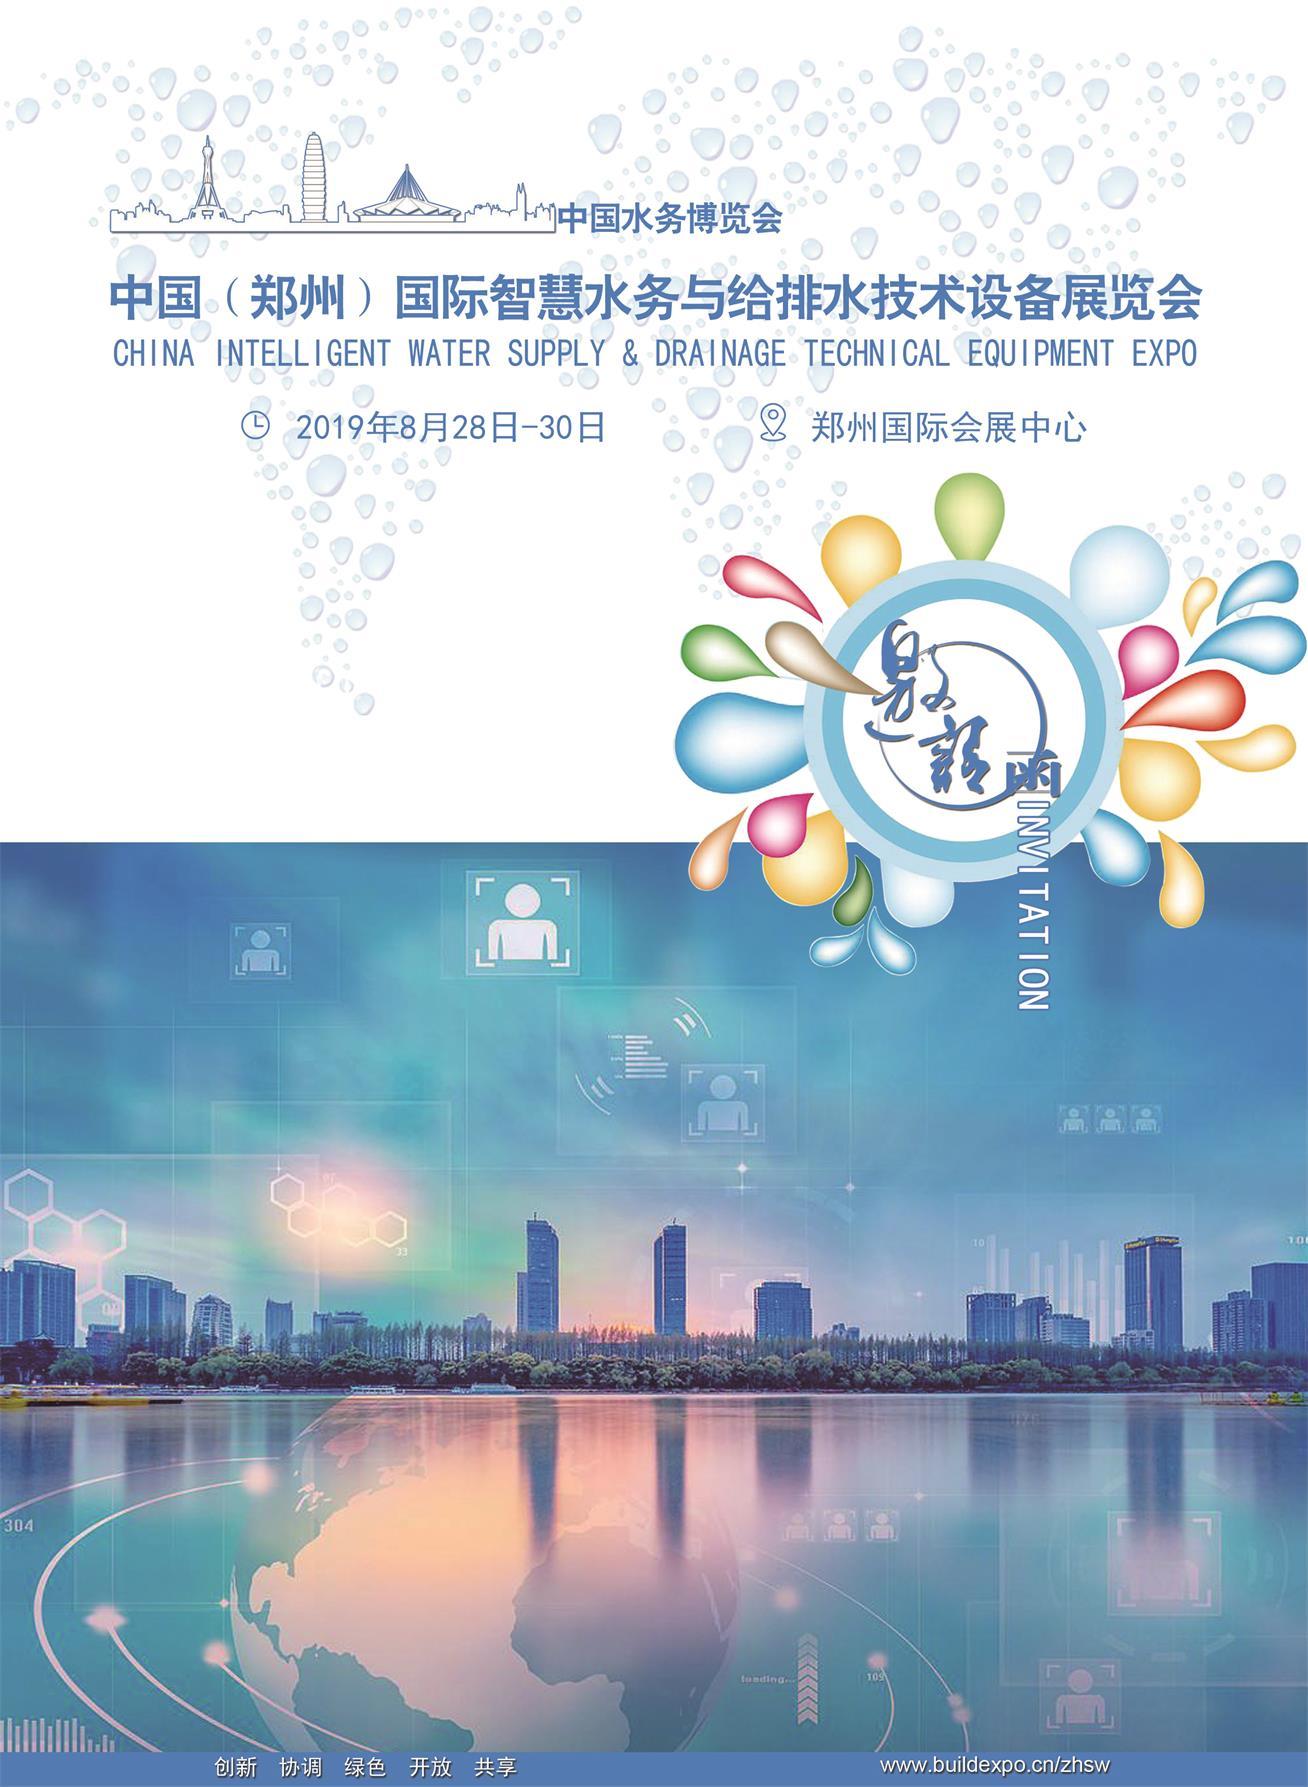 中国(郑州)国际智慧水务与给排水技术设备展览会